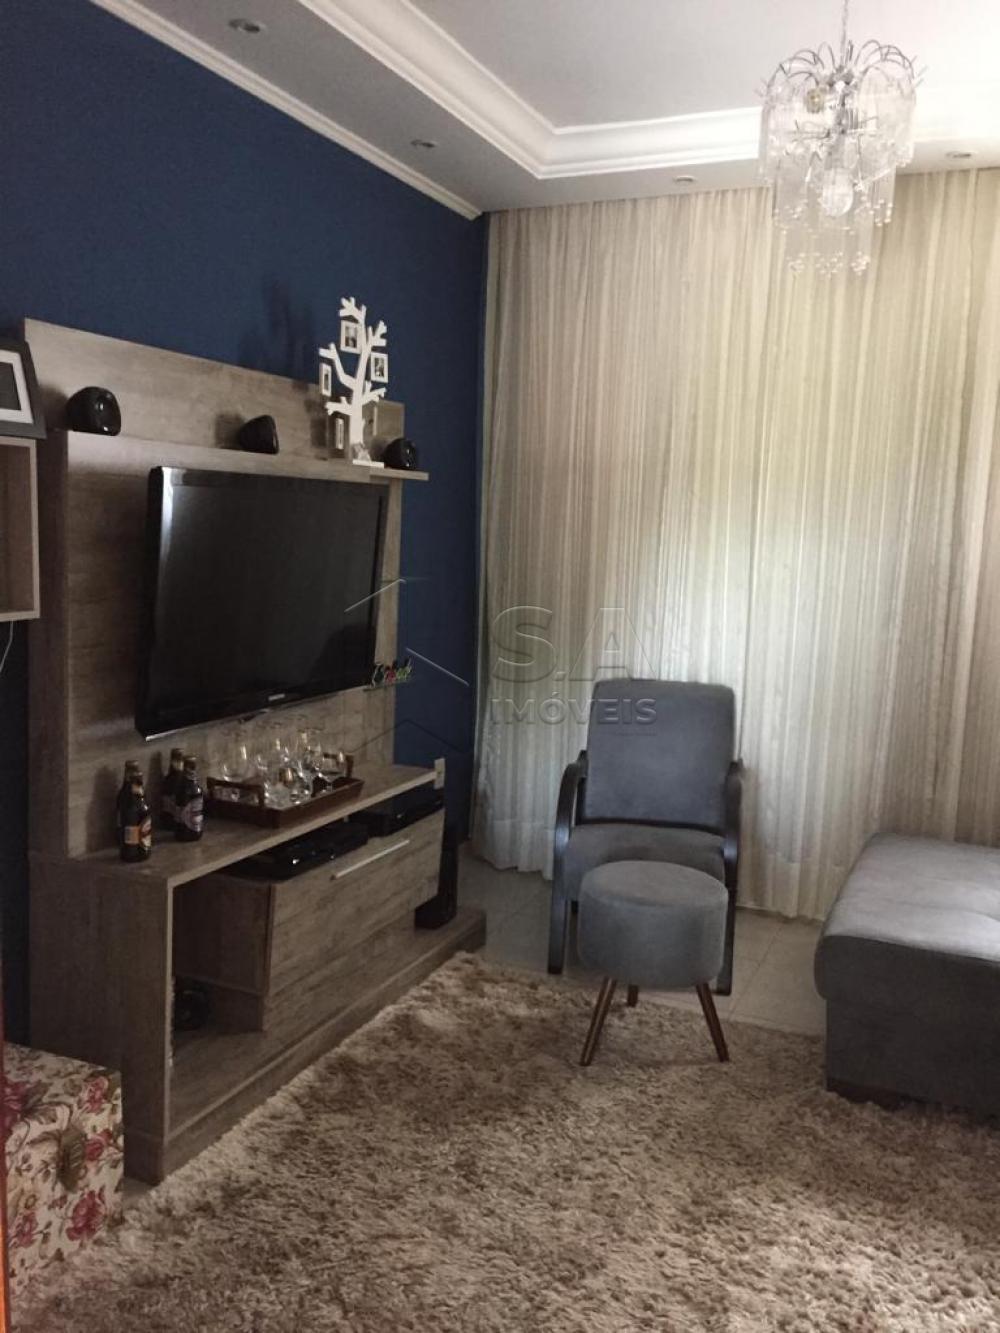 Comprar Casa / Padrão em Botucatu apenas R$ 340.000,00 - Foto 8